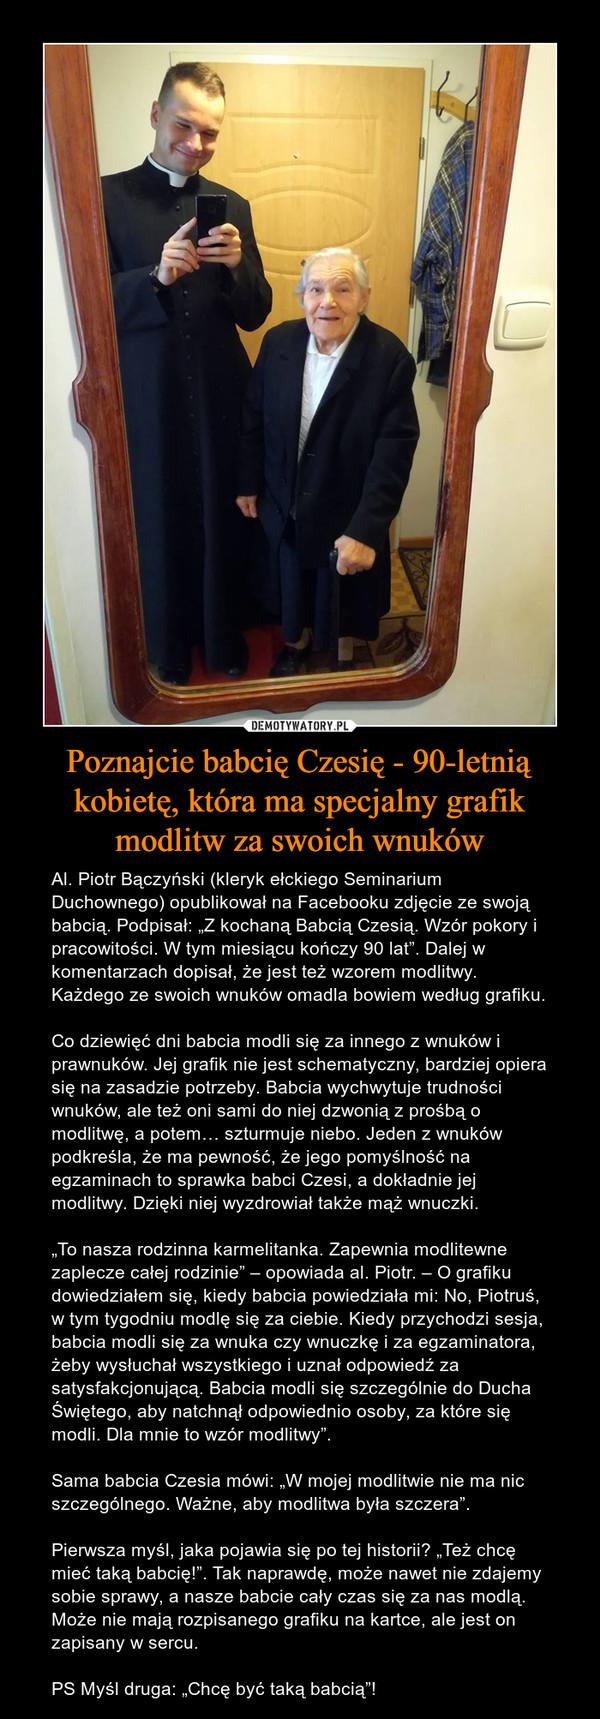 """Poznajcie babcię Czesię - 90-letnią kobietę, która ma specjalny grafik modlitw za swoich wnuków – Al. Piotr Bączyński (kleryk ełckiego Seminarium Duchownego) opublikował na Facebooku zdjęcie ze swoją babcią. Podpisał: """"Z kochaną Babcią Czesią. Wzór pokory i pracowitości. W tym miesiącu kończy 90 lat"""". Dalej w komentarzach dopisał, że jest też wzorem modlitwy. Każdego ze swoich wnuków omadla bowiem według grafiku.Co dziewięć dni babcia modli się za innego z wnuków i prawnuków. Jej grafik nie jest schematyczny, bardziej opiera się na zasadzie potrzeby. Babcia wychwytuje trudności wnuków, ale też oni sami do niej dzwonią z prośbą o modlitwę, a potem… szturmuje niebo. Jeden z wnuków podkreśla, że ma pewność, że jego pomyślność na egzaminach to sprawka babci Czesi, a dokładnie jej modlitwy. Dzięki niej wyzdrowiał także mąż wnuczki.""""To nasza rodzinna karmelitanka. Zapewnia modlitewne zaplecze całej rodzinie"""" – opowiada al. Piotr. – O grafiku dowiedziałem się, kiedy babcia powiedziała mi: No, Piotruś, w tym tygodniu modlę się za ciebie. Kiedy przychodzi sesja, babcia modli się za wnuka czy wnuczkę i za egzaminatora, żeby wysłuchał wszystkiego i uznał odpowiedź za satysfakcjonującą. Babcia modli się szczególnie do Ducha Świętego, aby natchnął odpowiednio osoby, za które się modli. Dla mnie to wzór modlitwy"""".Sama babcia Czesia mówi: """"W mojej modlitwie nie ma nic szczególnego. Ważne, aby modlitwa była szczera"""".Pierwsza myśl, jaka pojawia się po tej historii? """"Też chcę mieć taką babcię!"""". Tak naprawdę, może nawet nie zdajemy sobie sprawy, a nasze babcie cały czas się za nas modlą. Może nie mają rozpisanego grafiku na kartce, ale jest on zapisany w sercu.PS Myśl druga: """"Chcę być taką babcią""""!"""